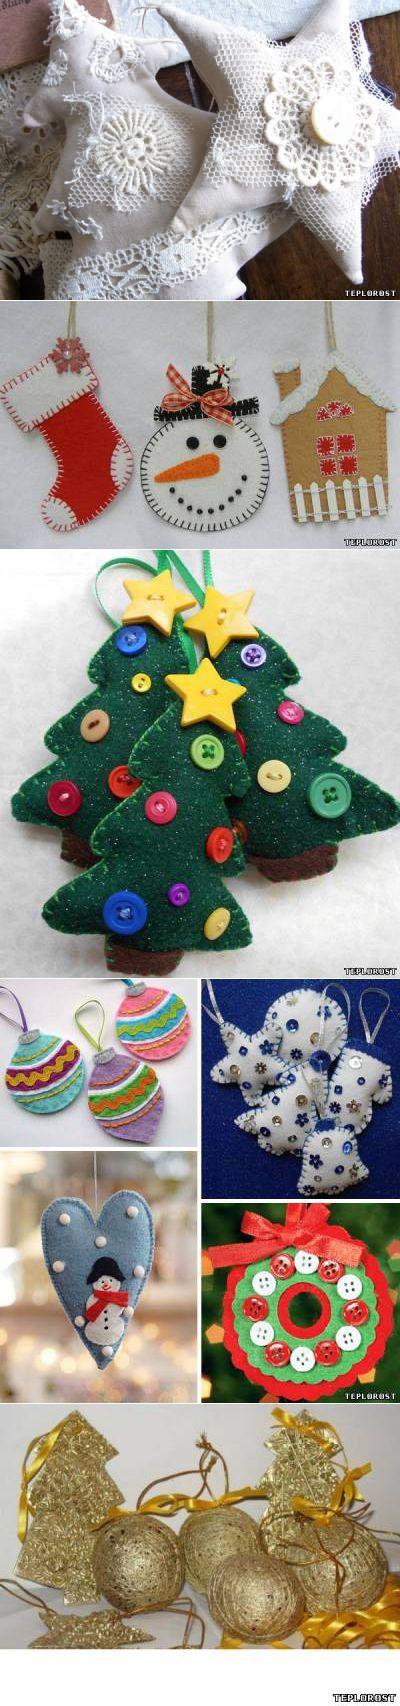 Новогодние поделки и игрушки своими руками